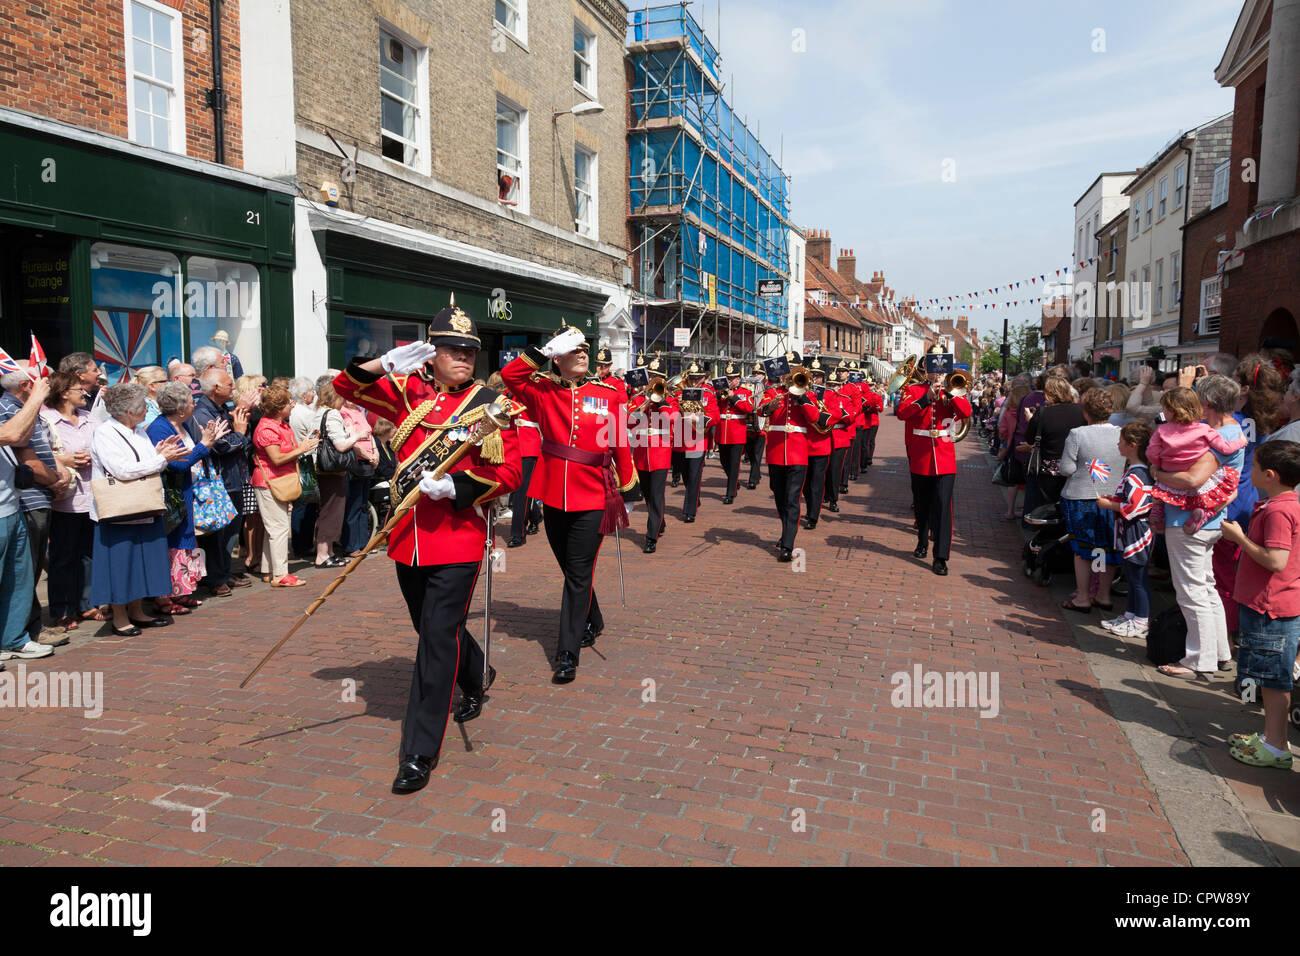 Marchando banr militar en Chichester diamond celebración jubilar procesión Imagen De Stock